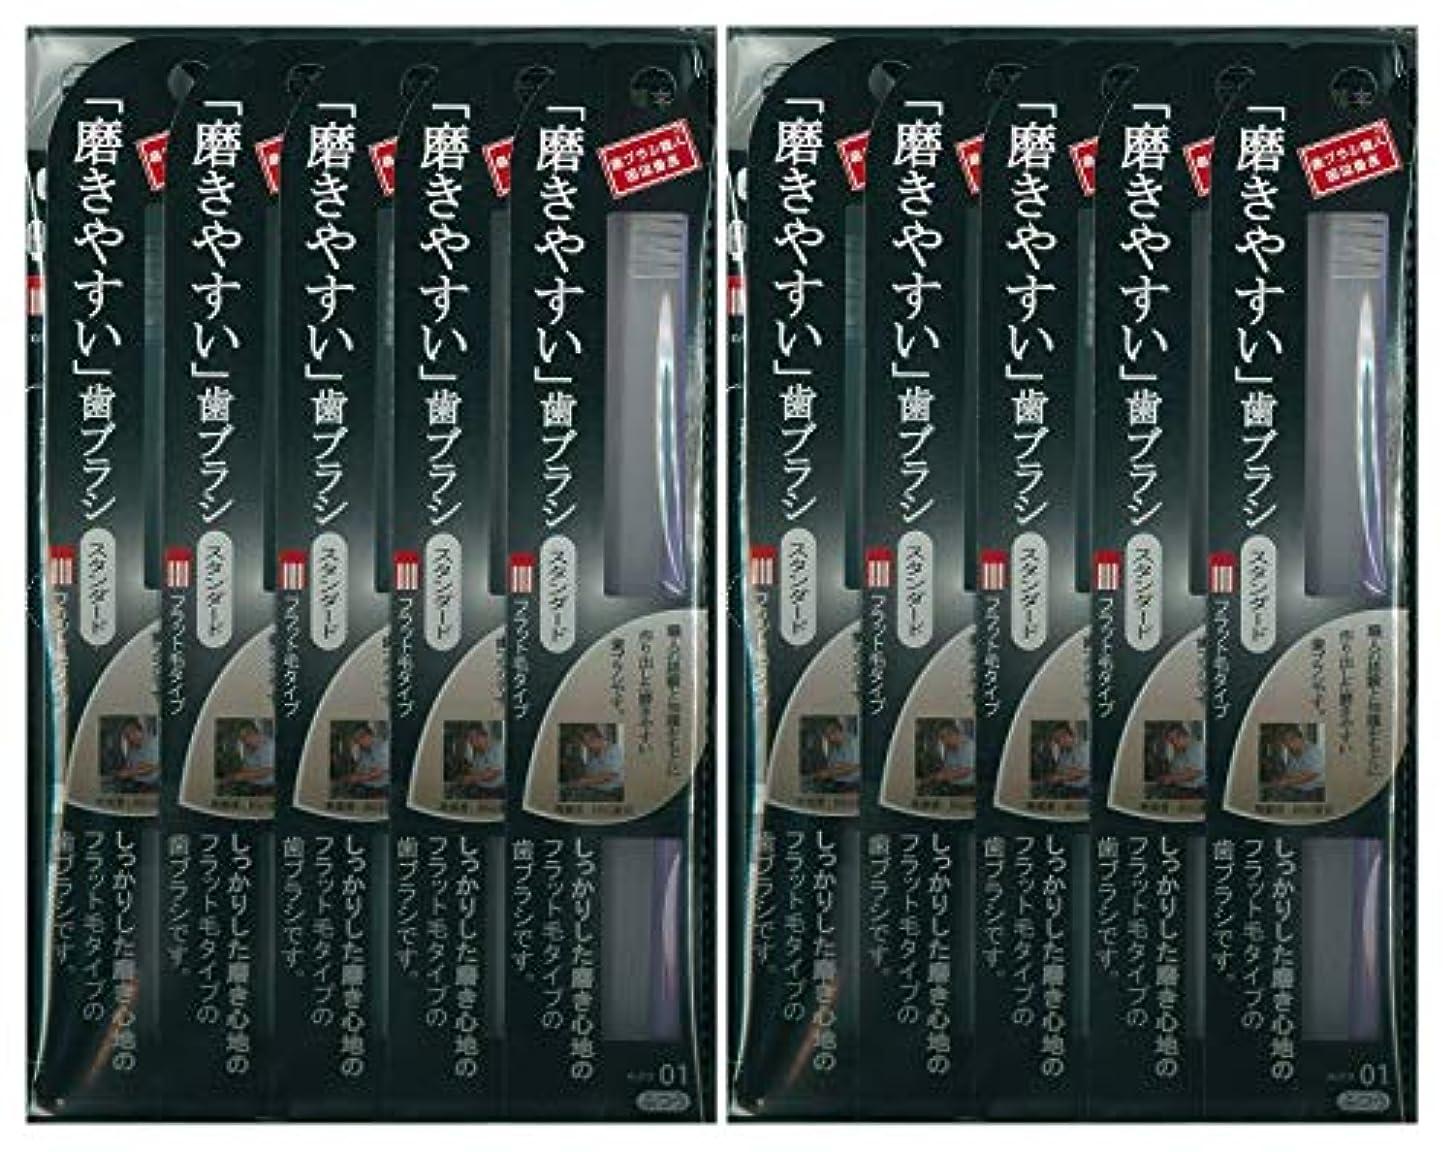 生き残ります先生ミリメーター歯ブラシ職人 田辺重吉考案 磨きやすい歯ブラシ ふつう (フラット) LT-01 1本入×24本セット